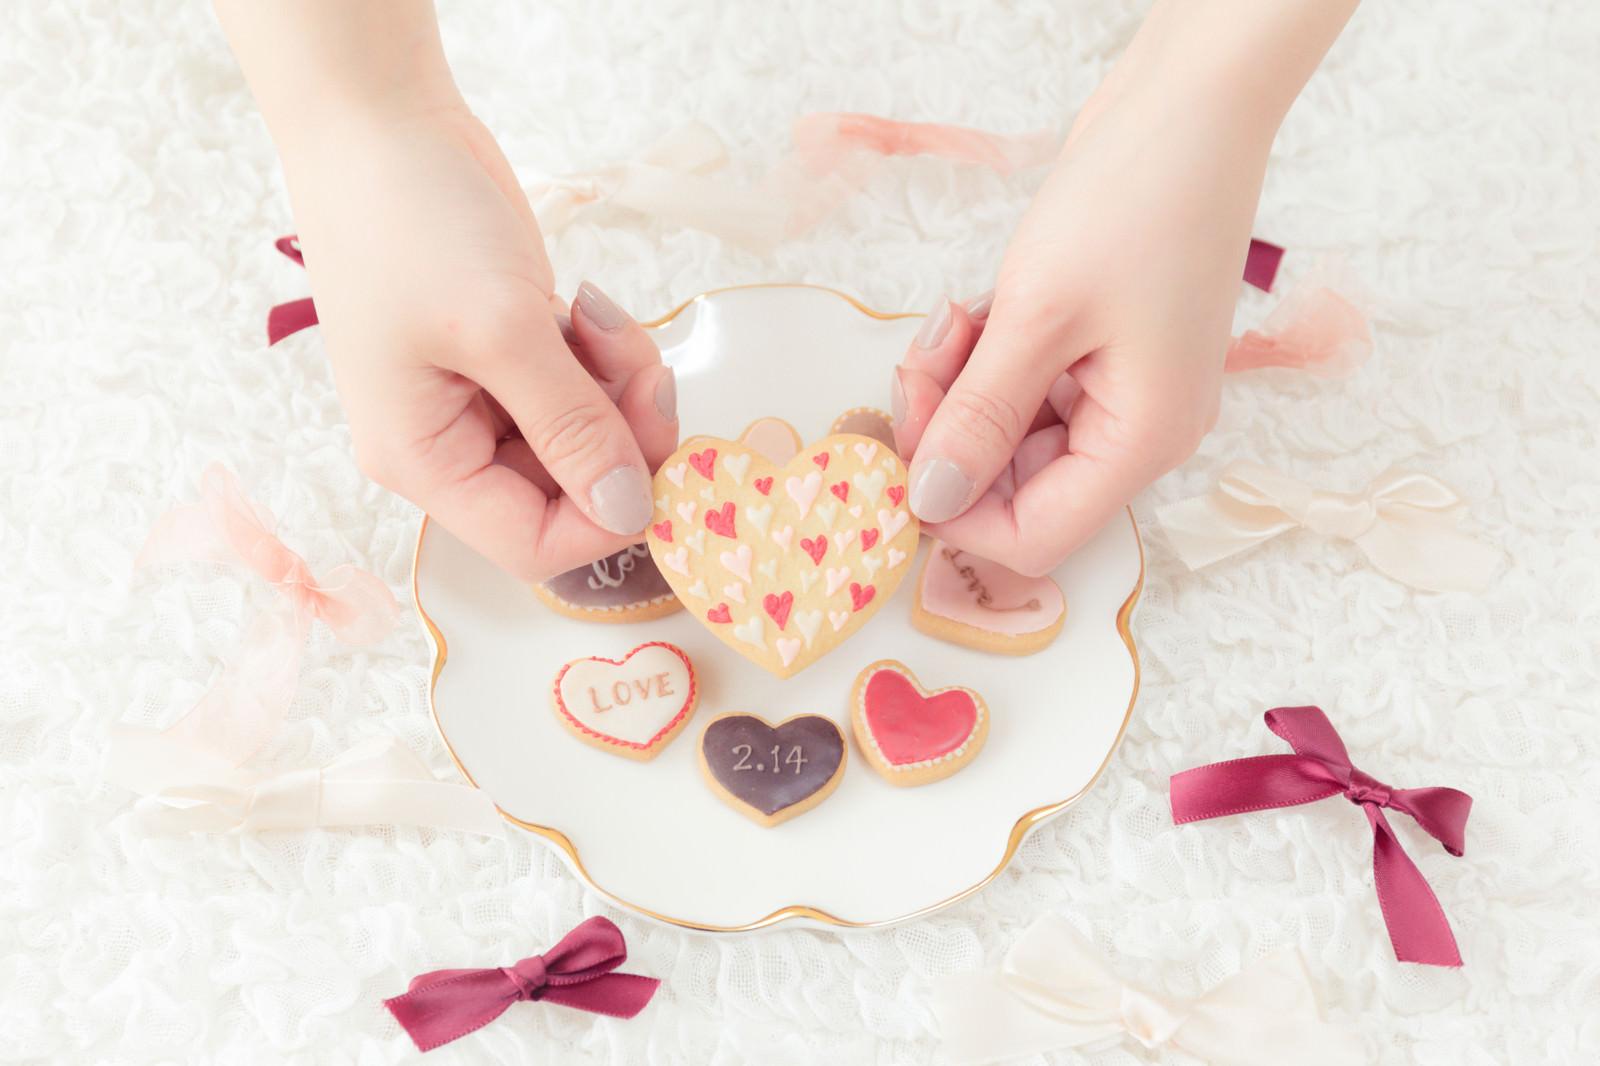 「両手でつまんだ手作りクッキー」の写真